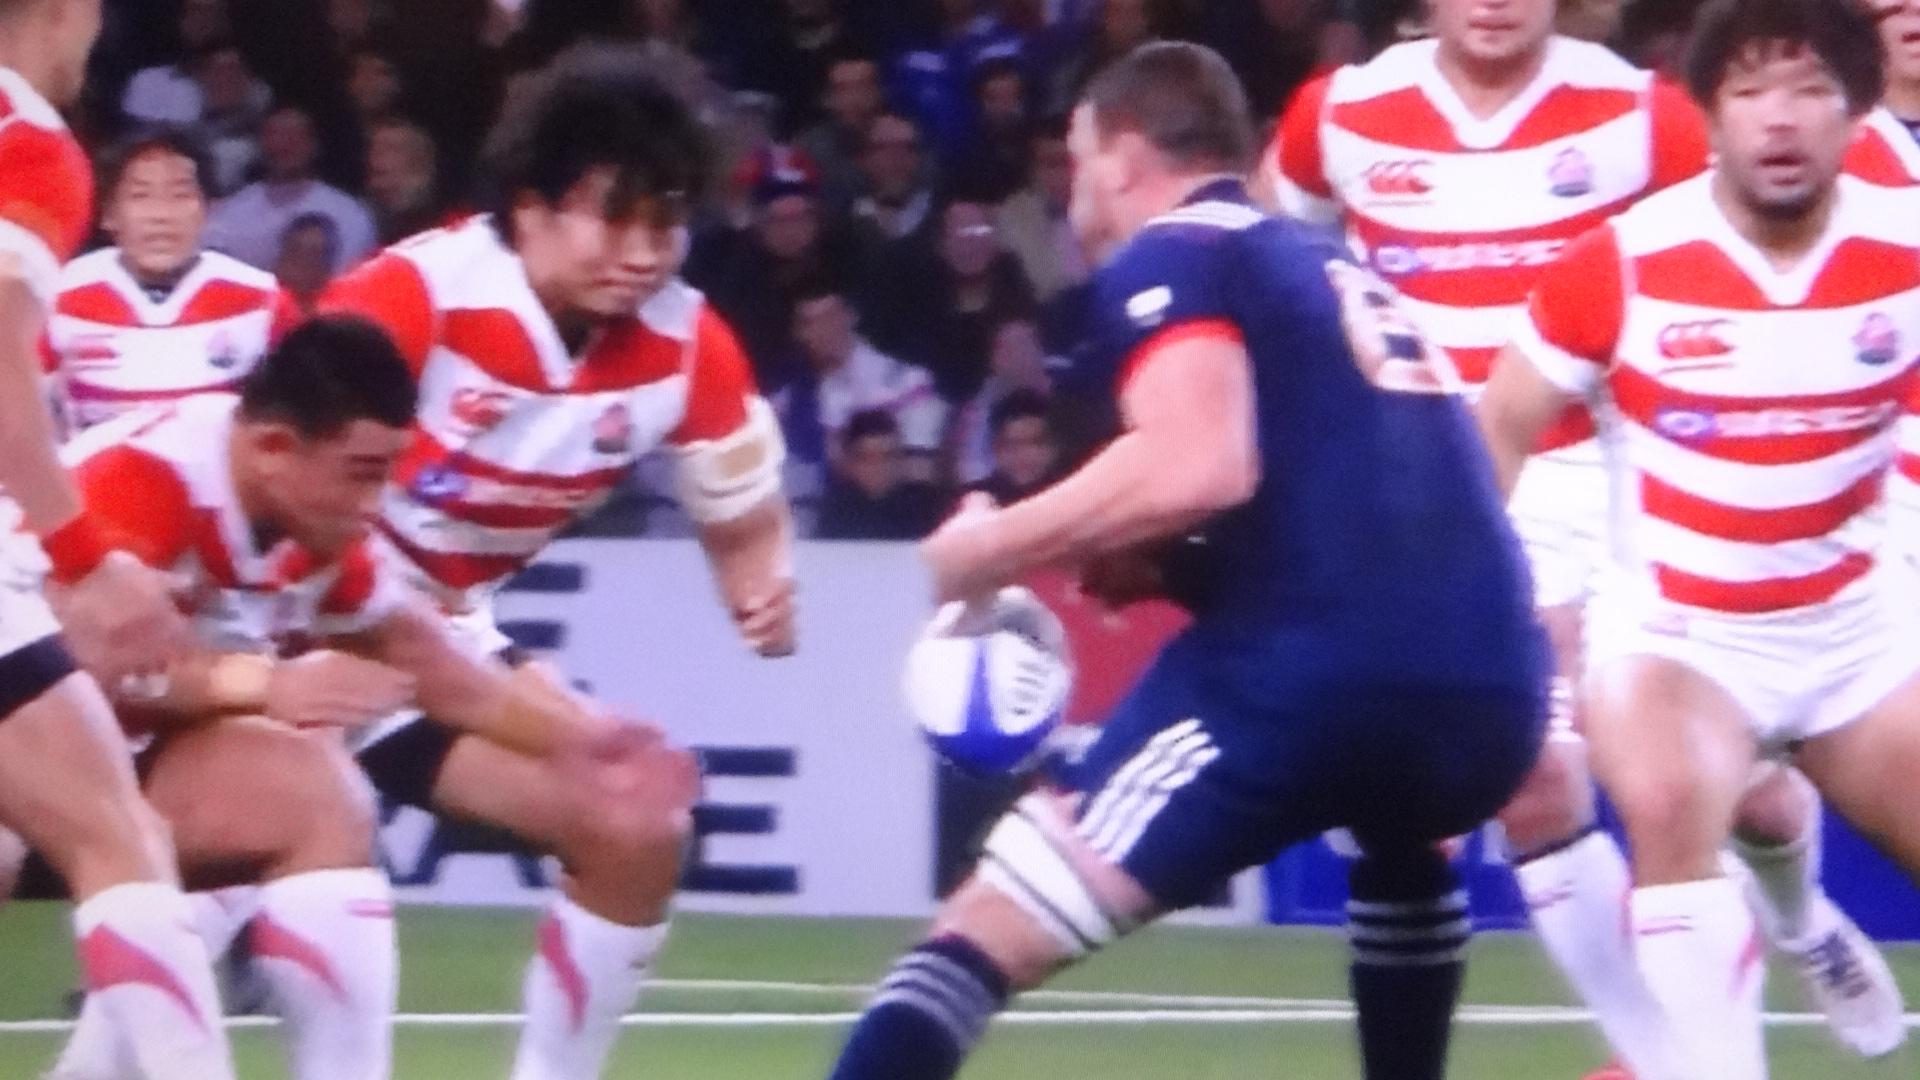 素早く前に出る防御を見せる日本代表